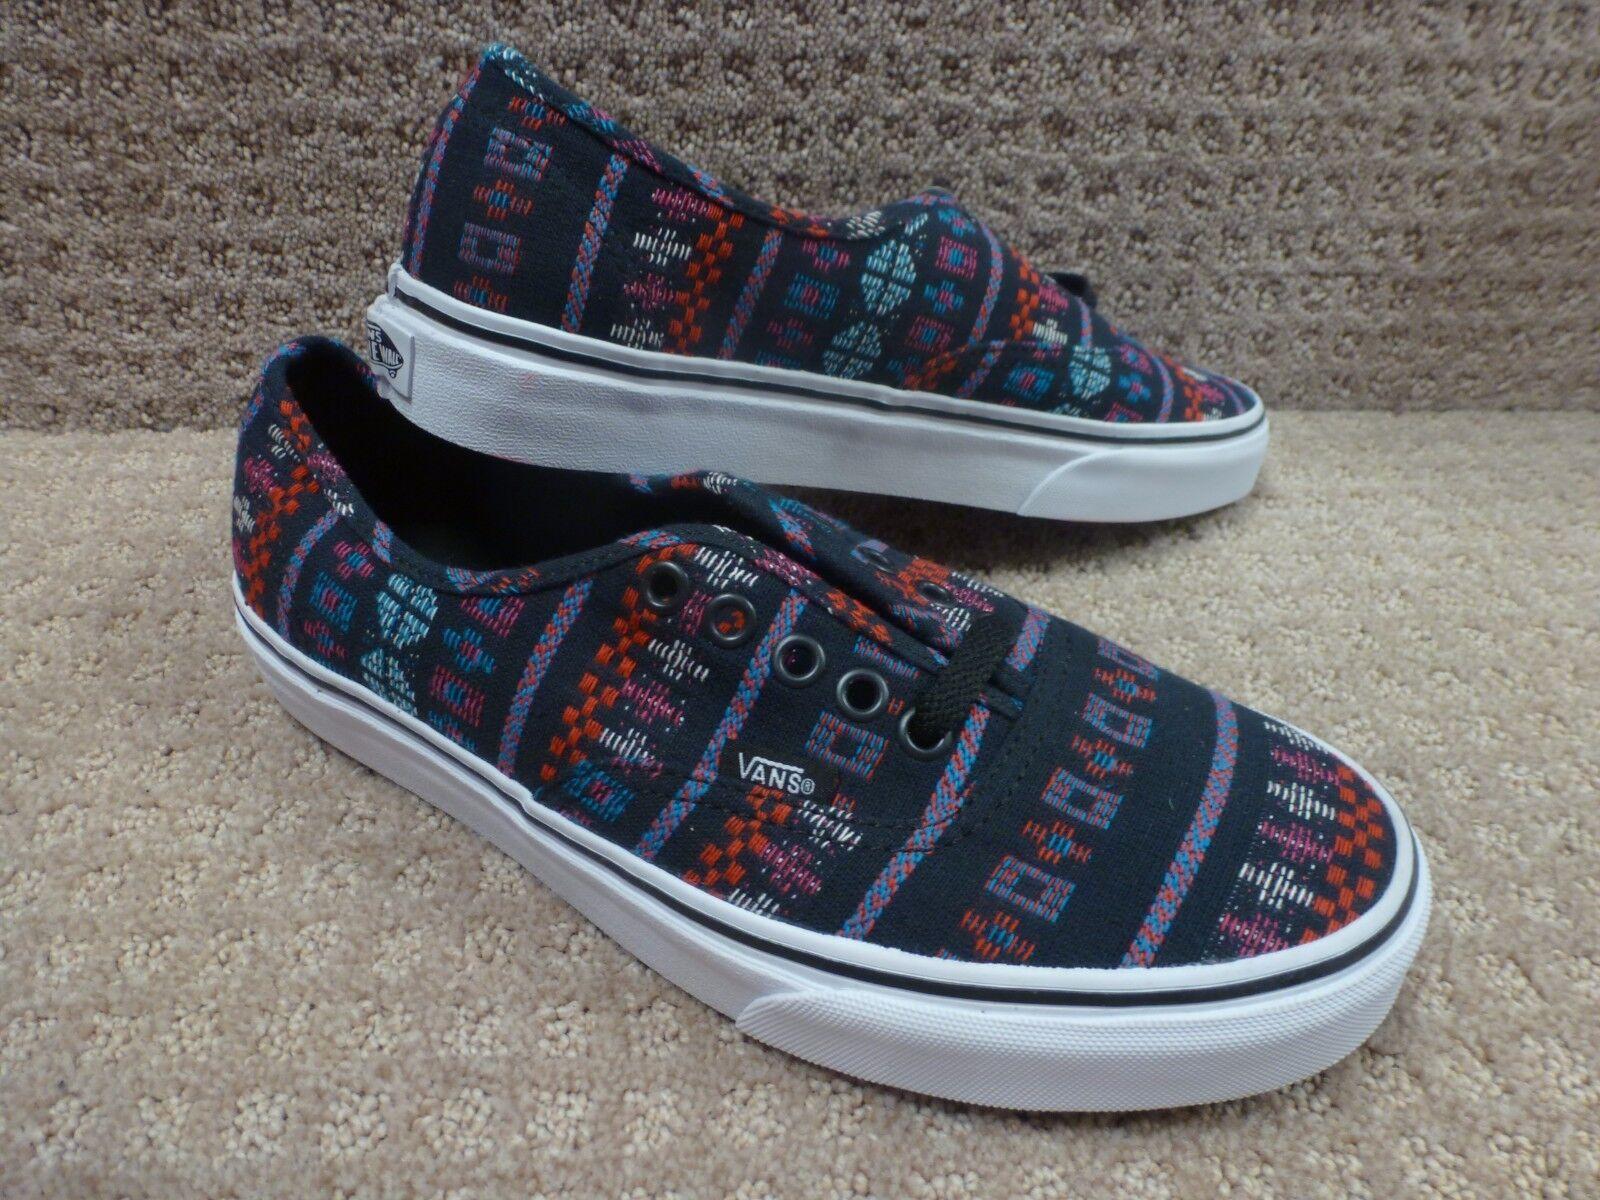 Vans Men's Shoes White